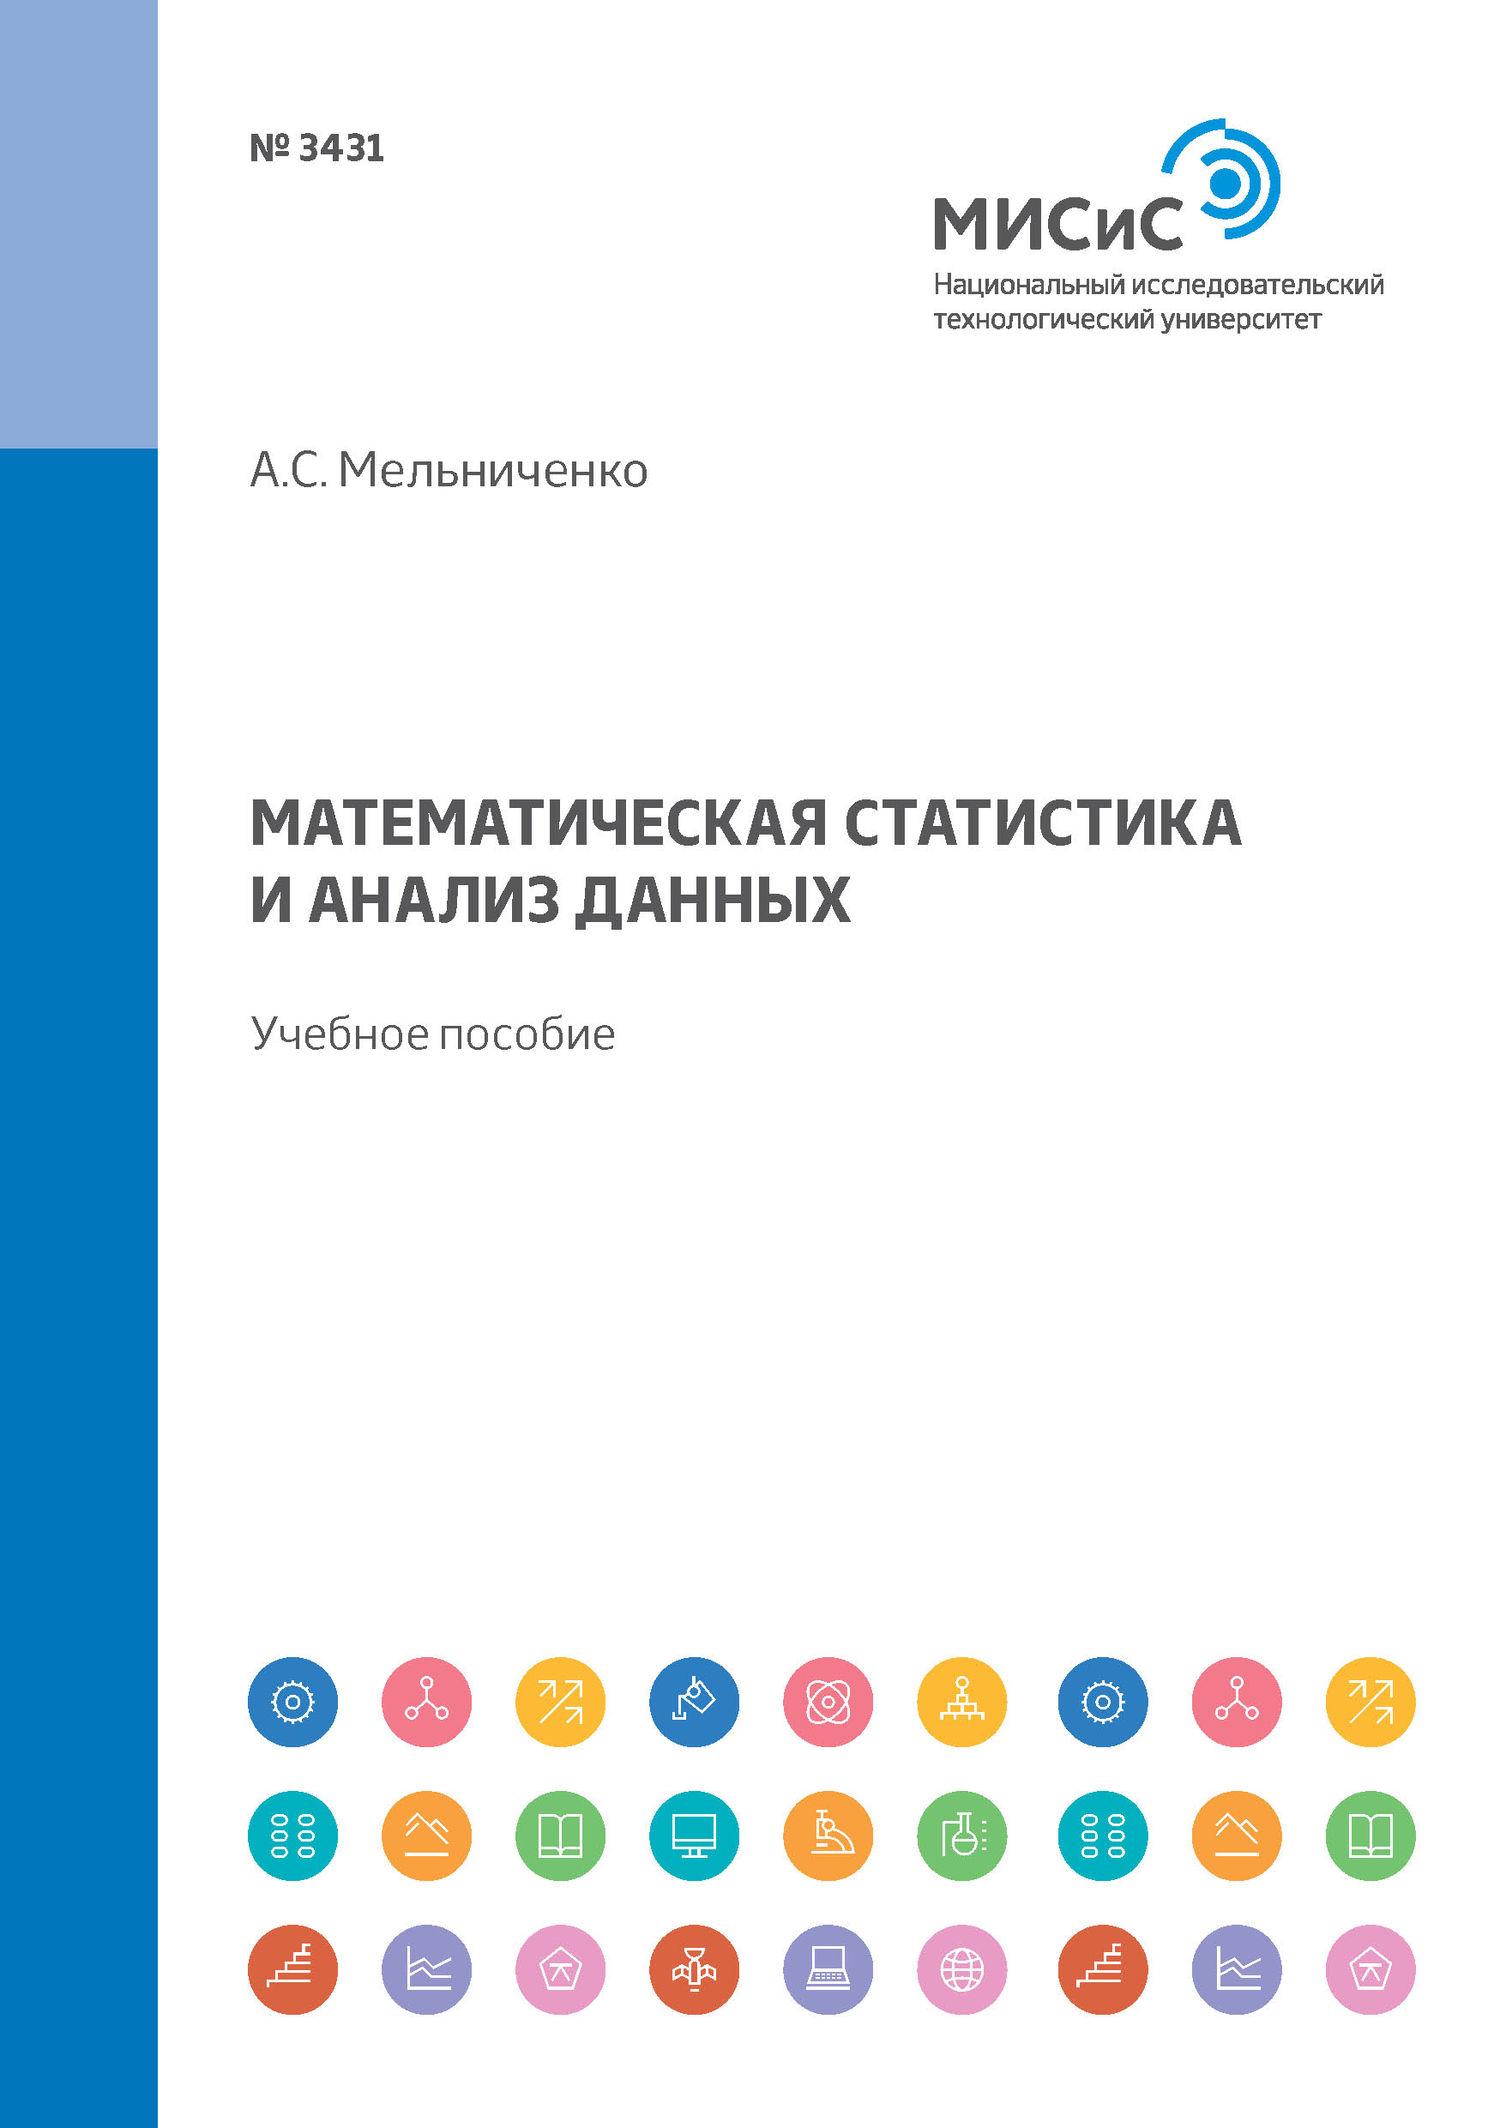 А. С. Мельниченко Математическая статистика и анализ данных. Учебное пособие хэнд д статистика очень краткое введение